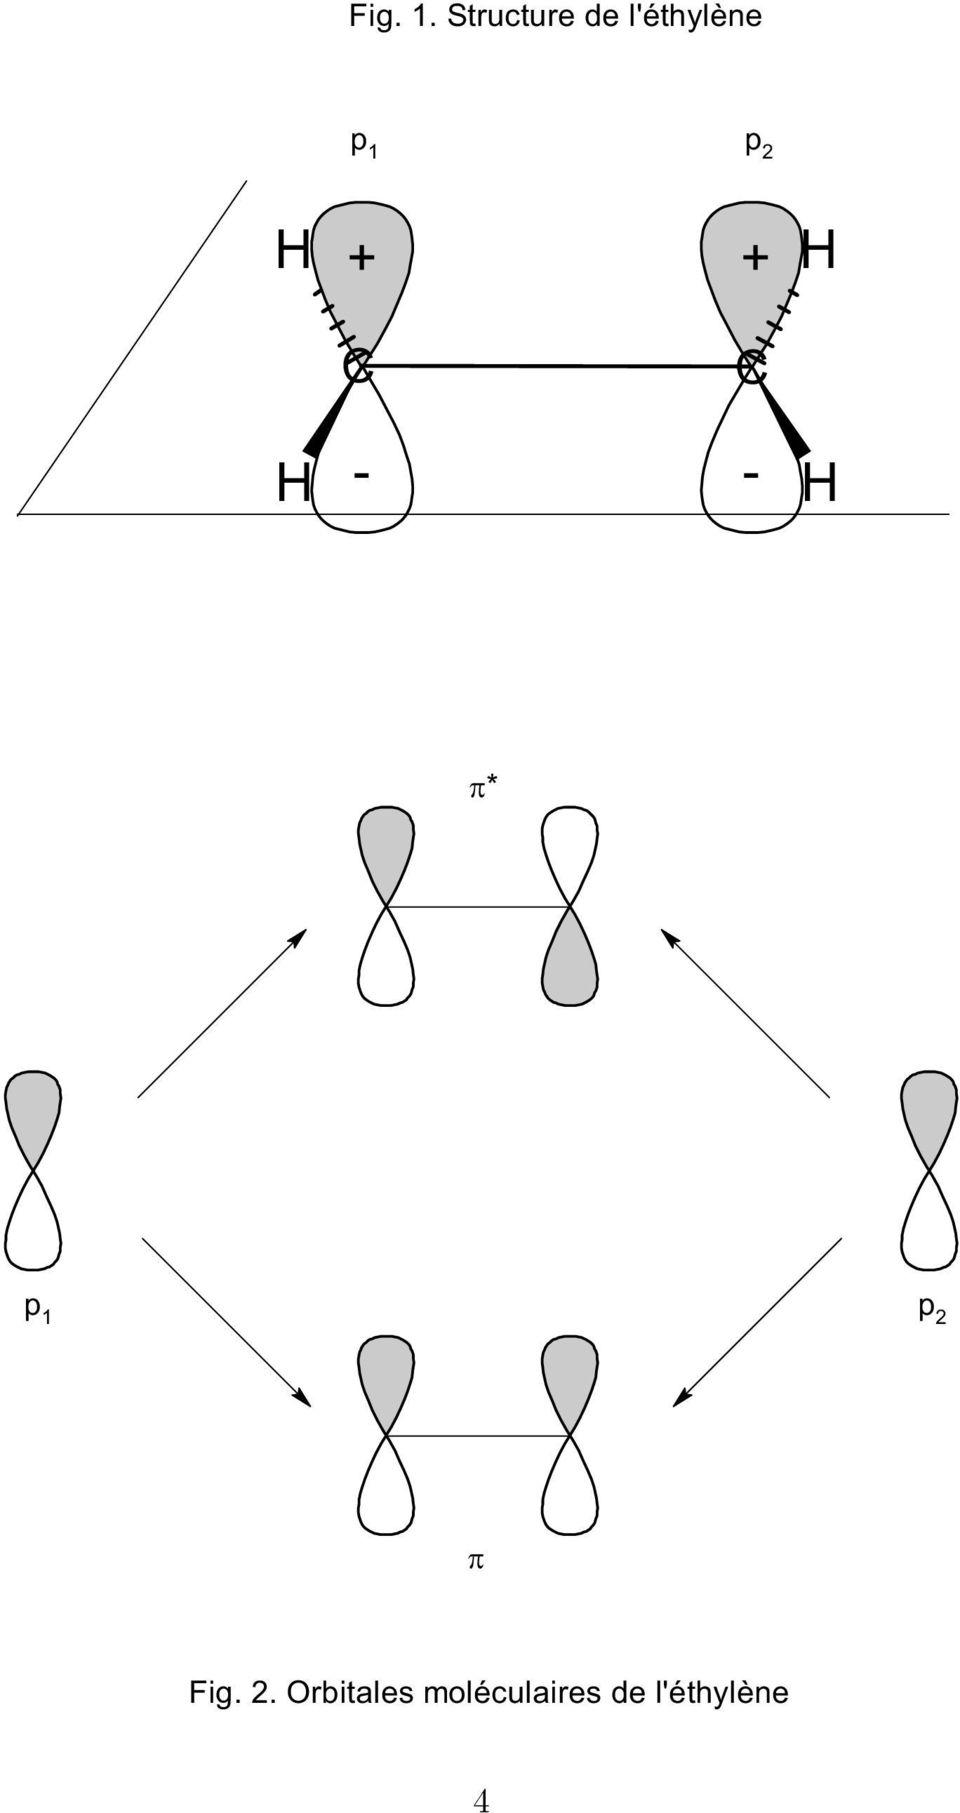 medium resolution of 5 par convention on prend le coecient c 1 0 on obtient donc c 1 1 et c 1 l quation des om est donc 1